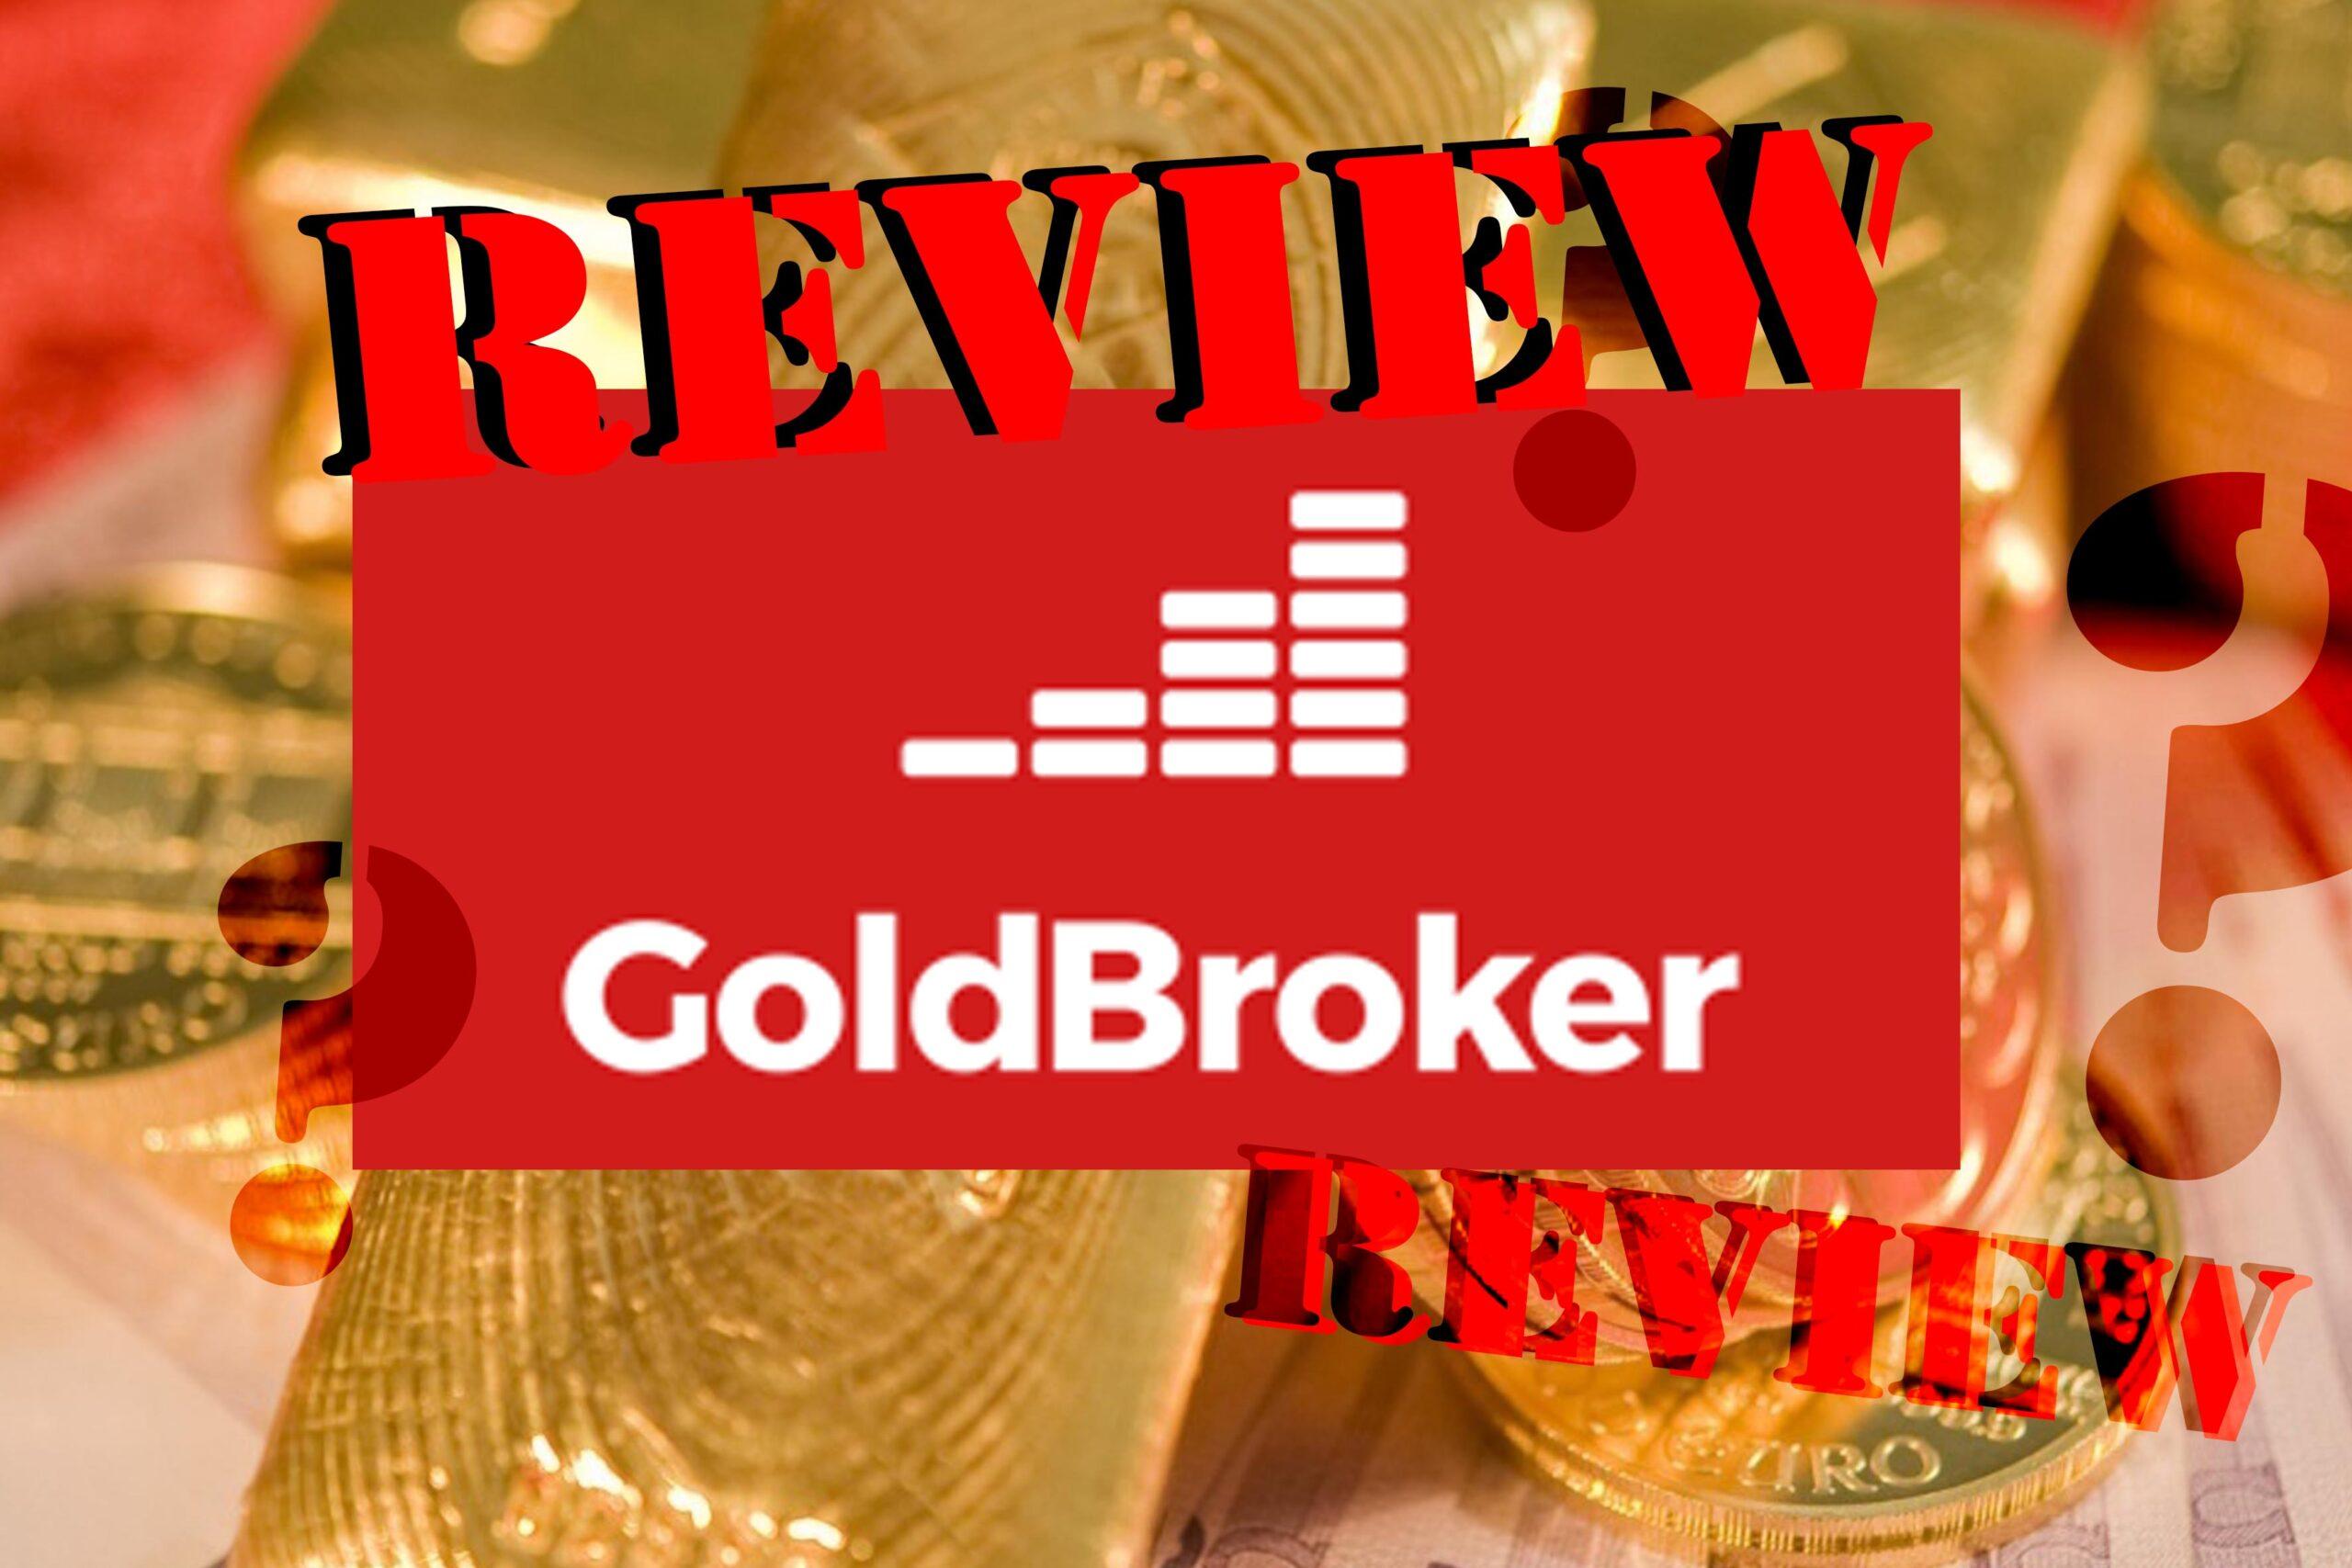 GoldBroker Review